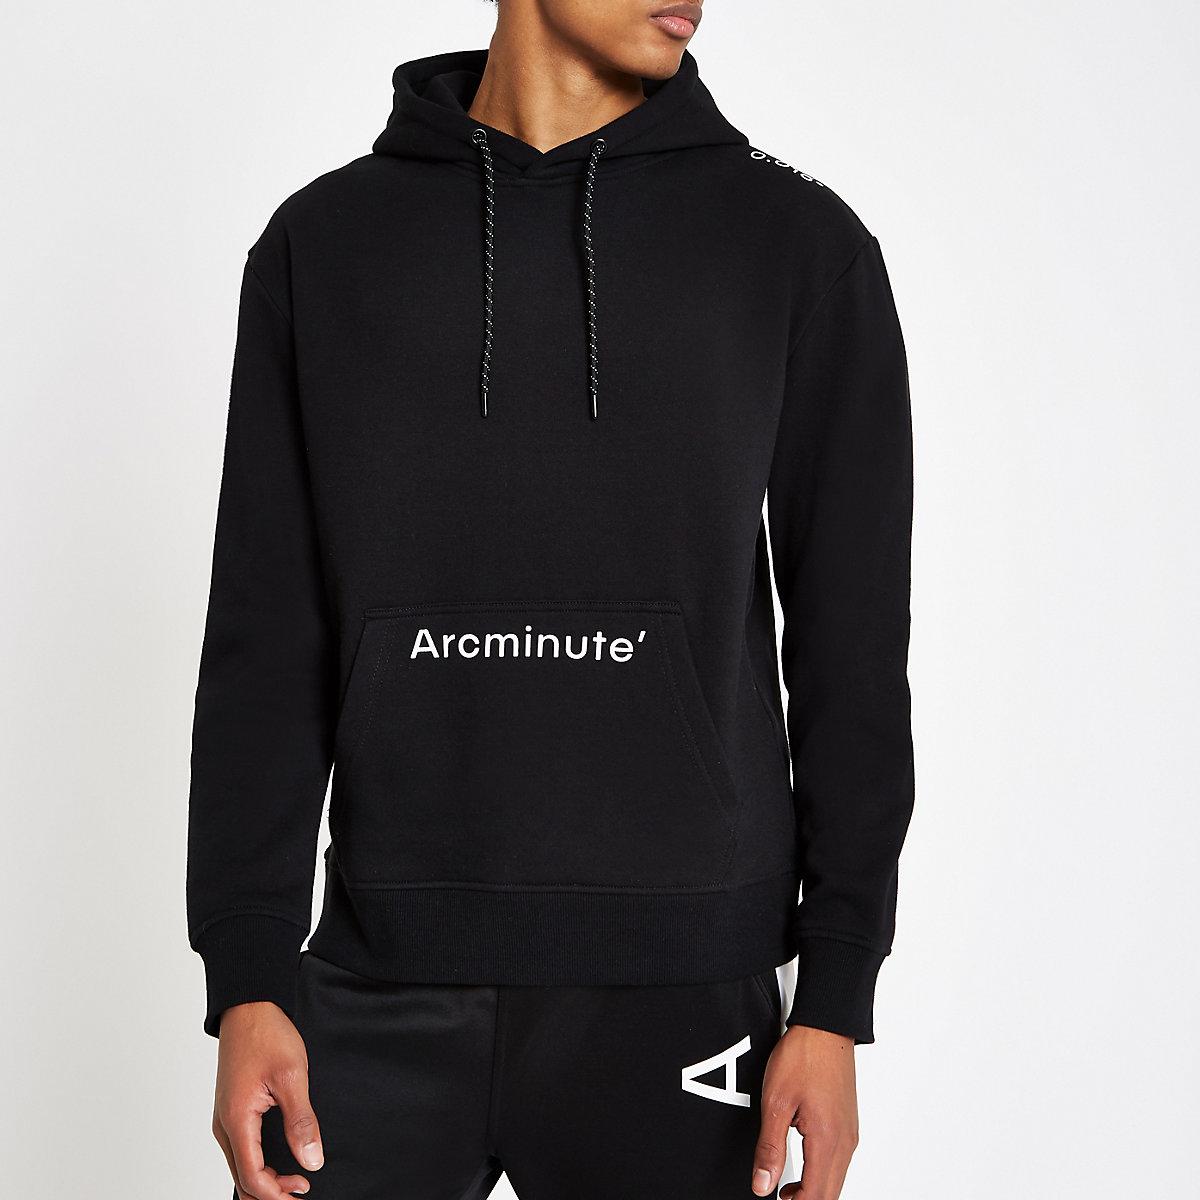 Arcminute black hoodie